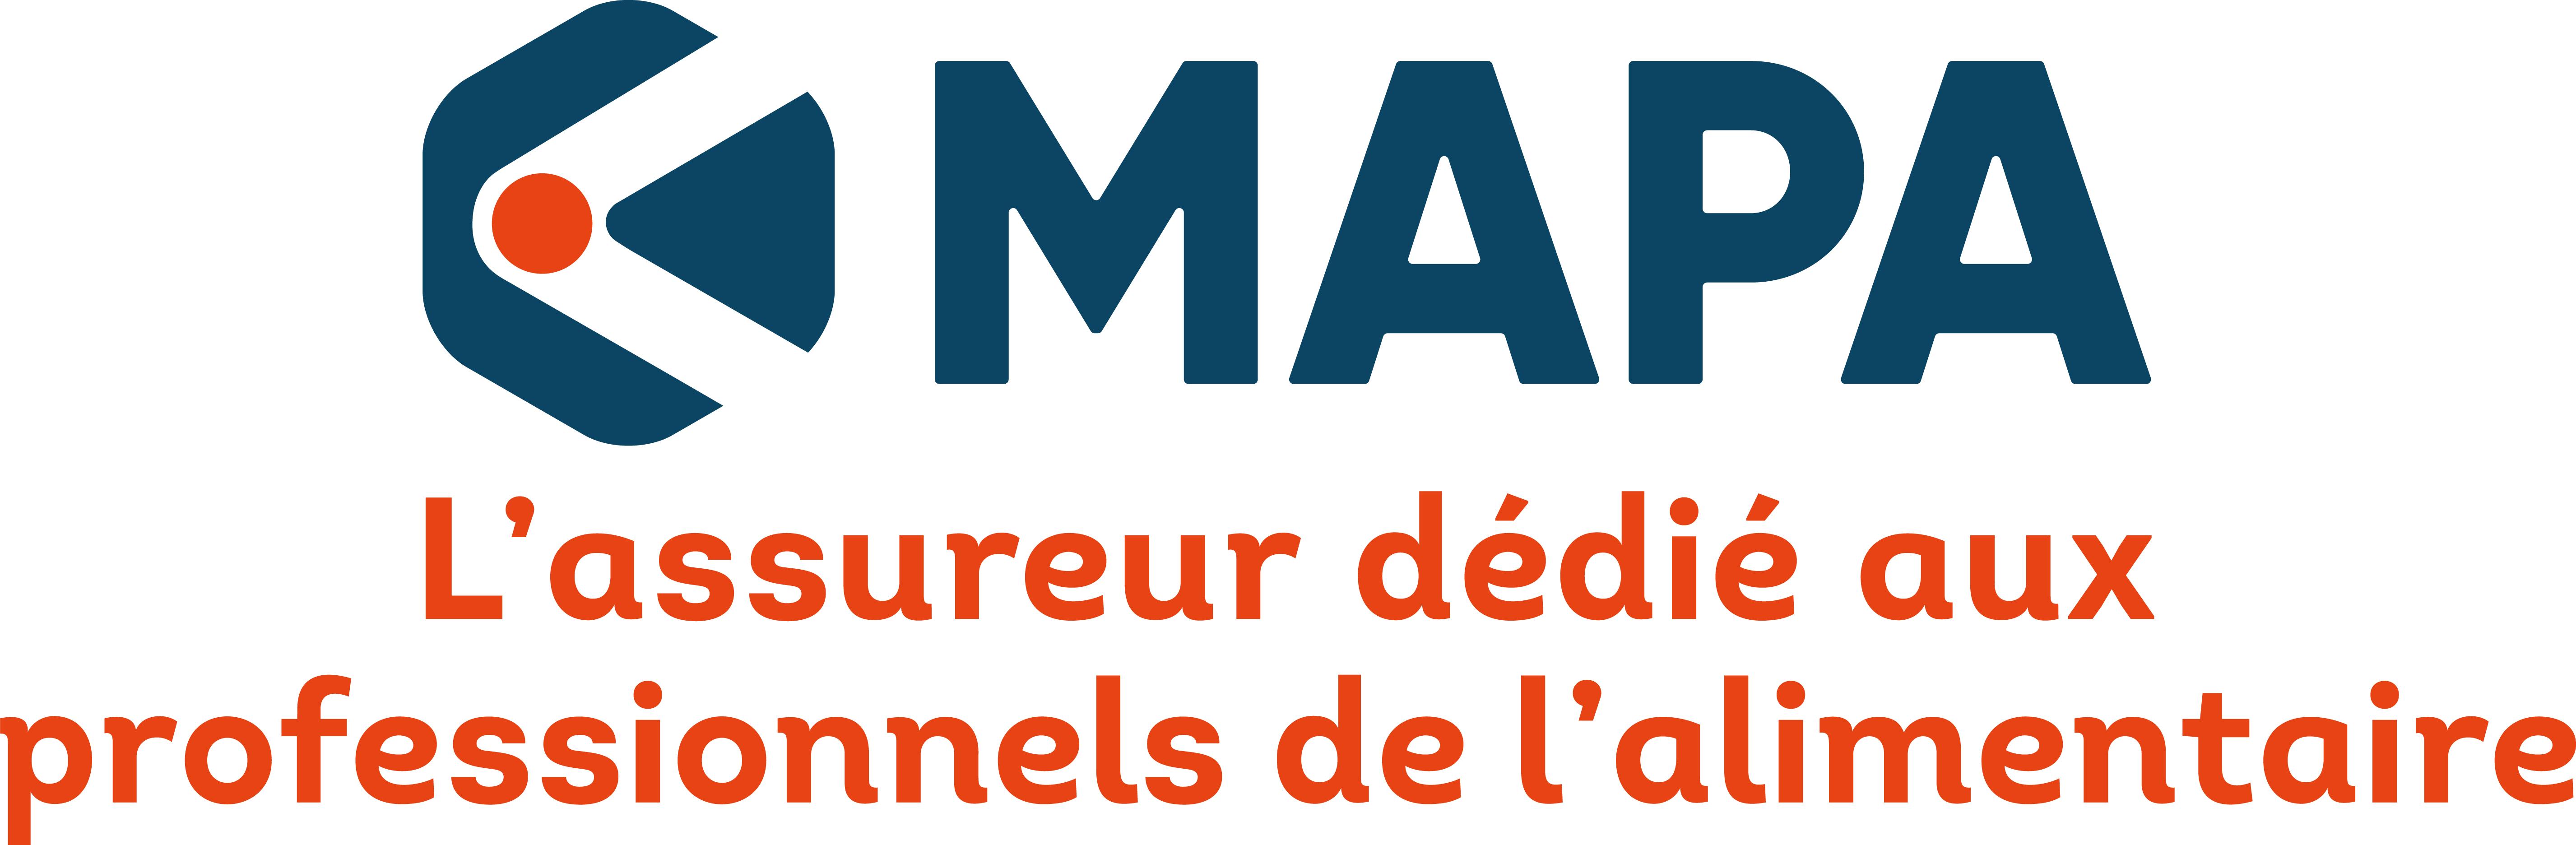 Logo Mapa : Assureur des épiciers de france